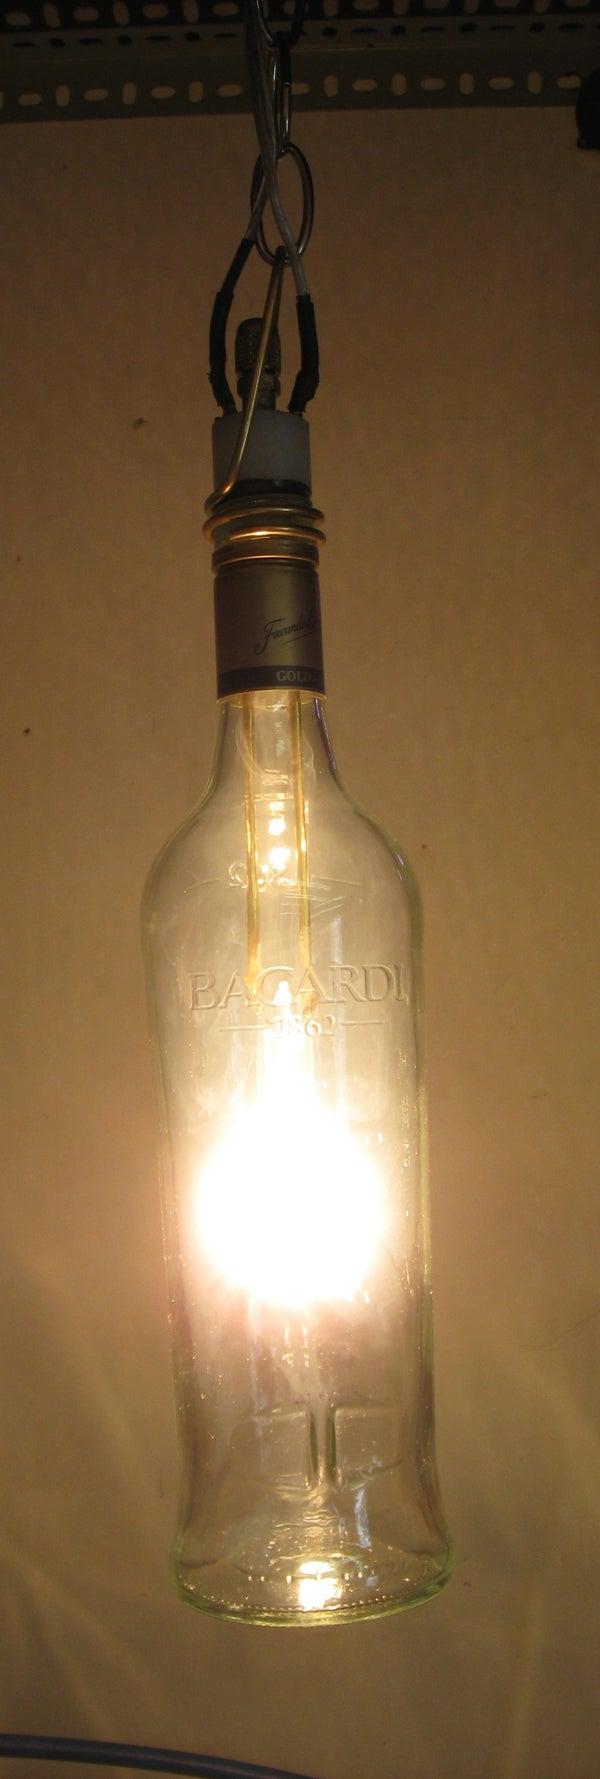 Hanging Bottle Light Bulb